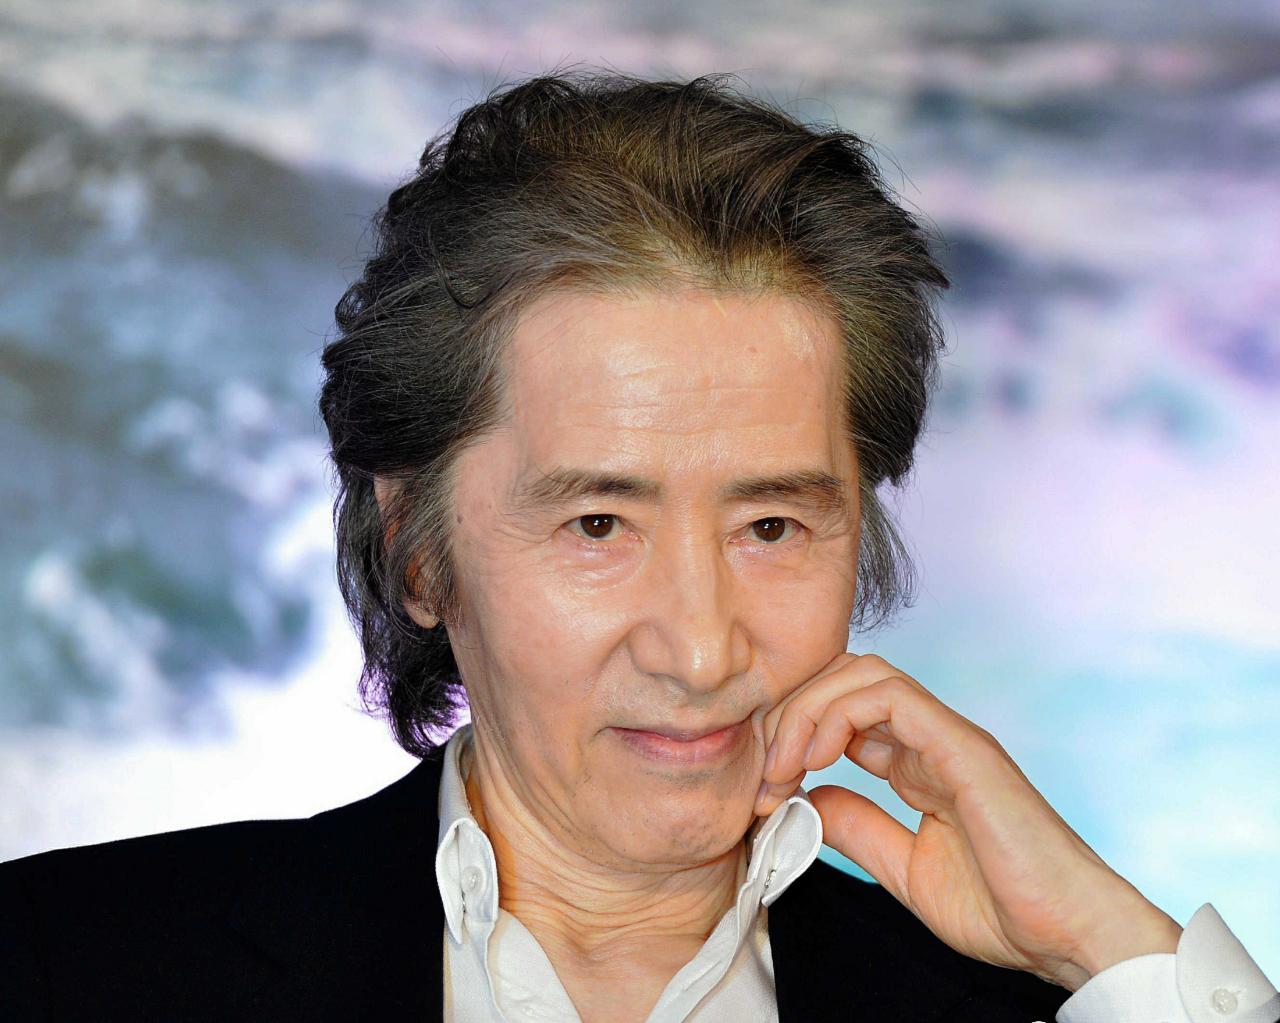 一代匠师田村正和因心力衰竭在520前一天去世 (1)